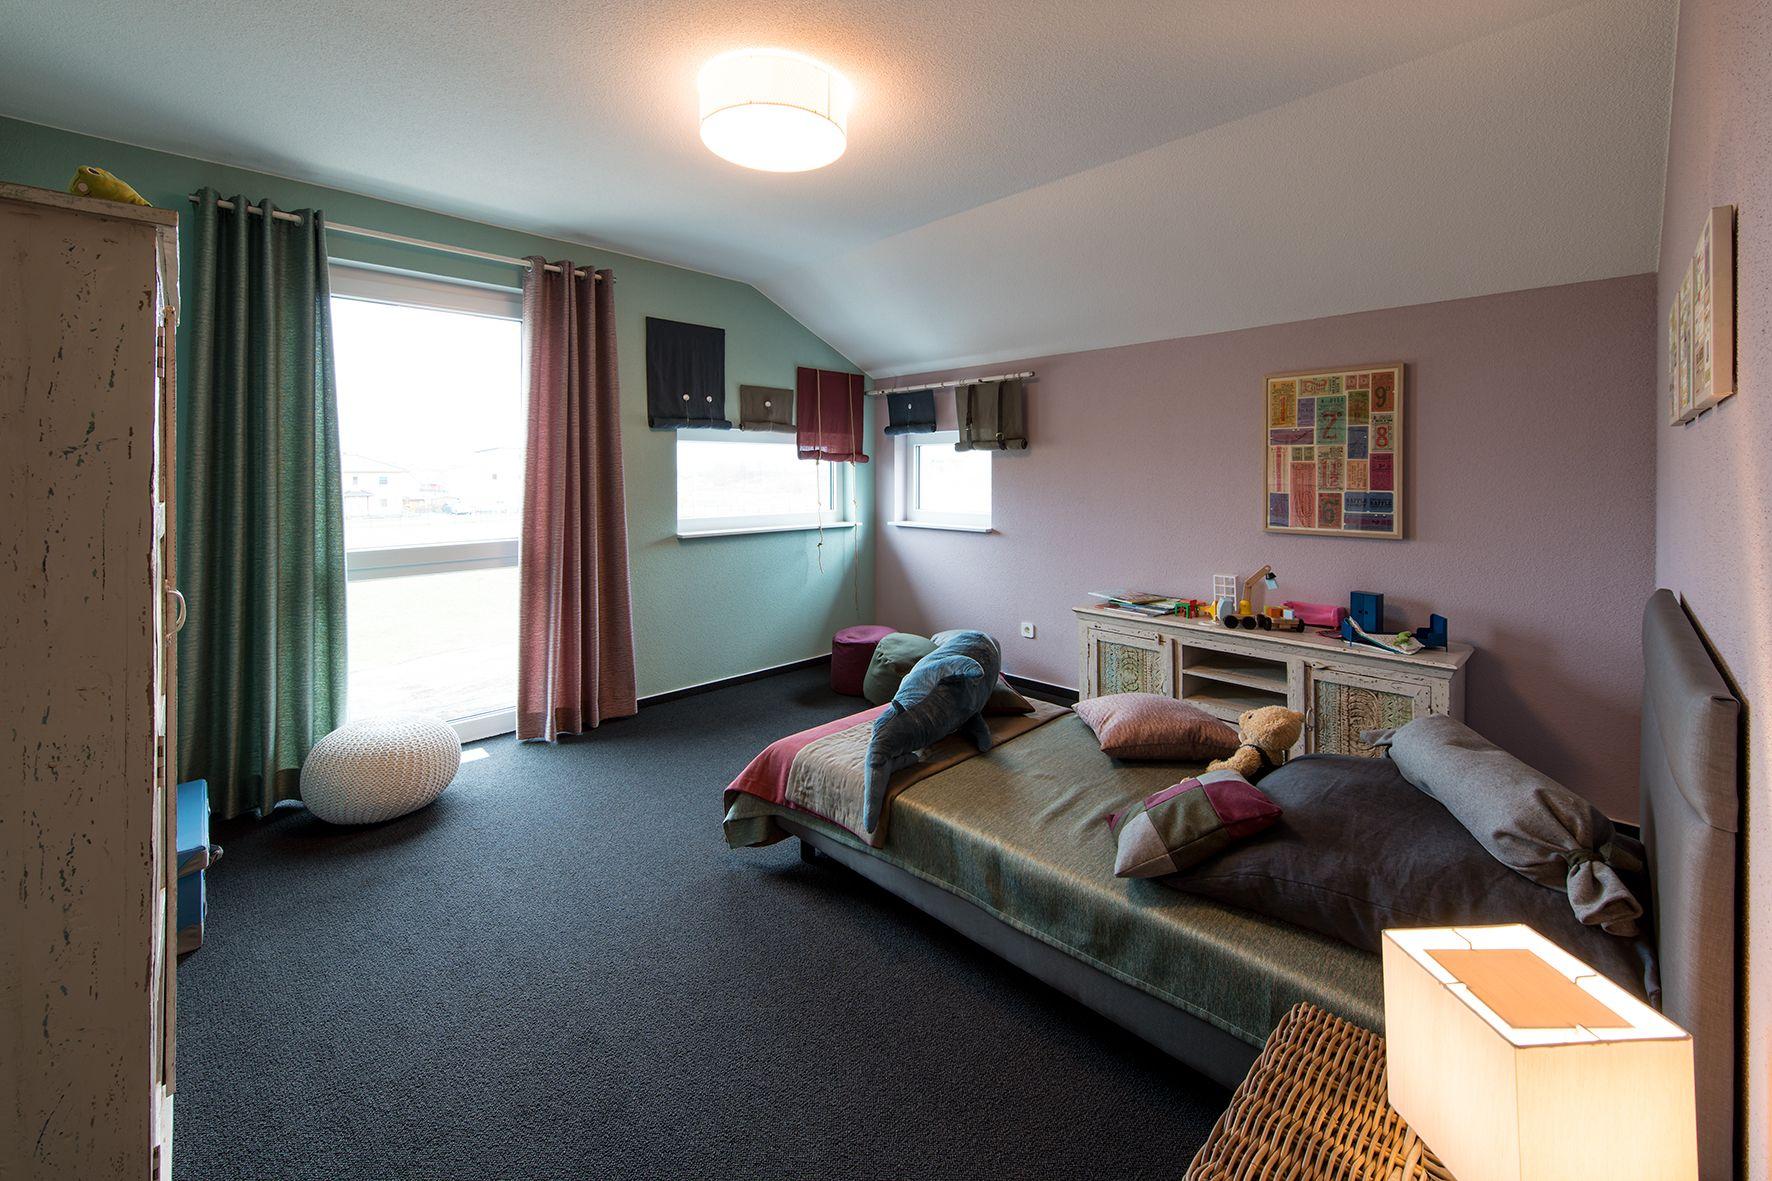 Wohnideen Gästezimmer fertighaus wohnidee kinderzimmer und gästezimmer wohnideen